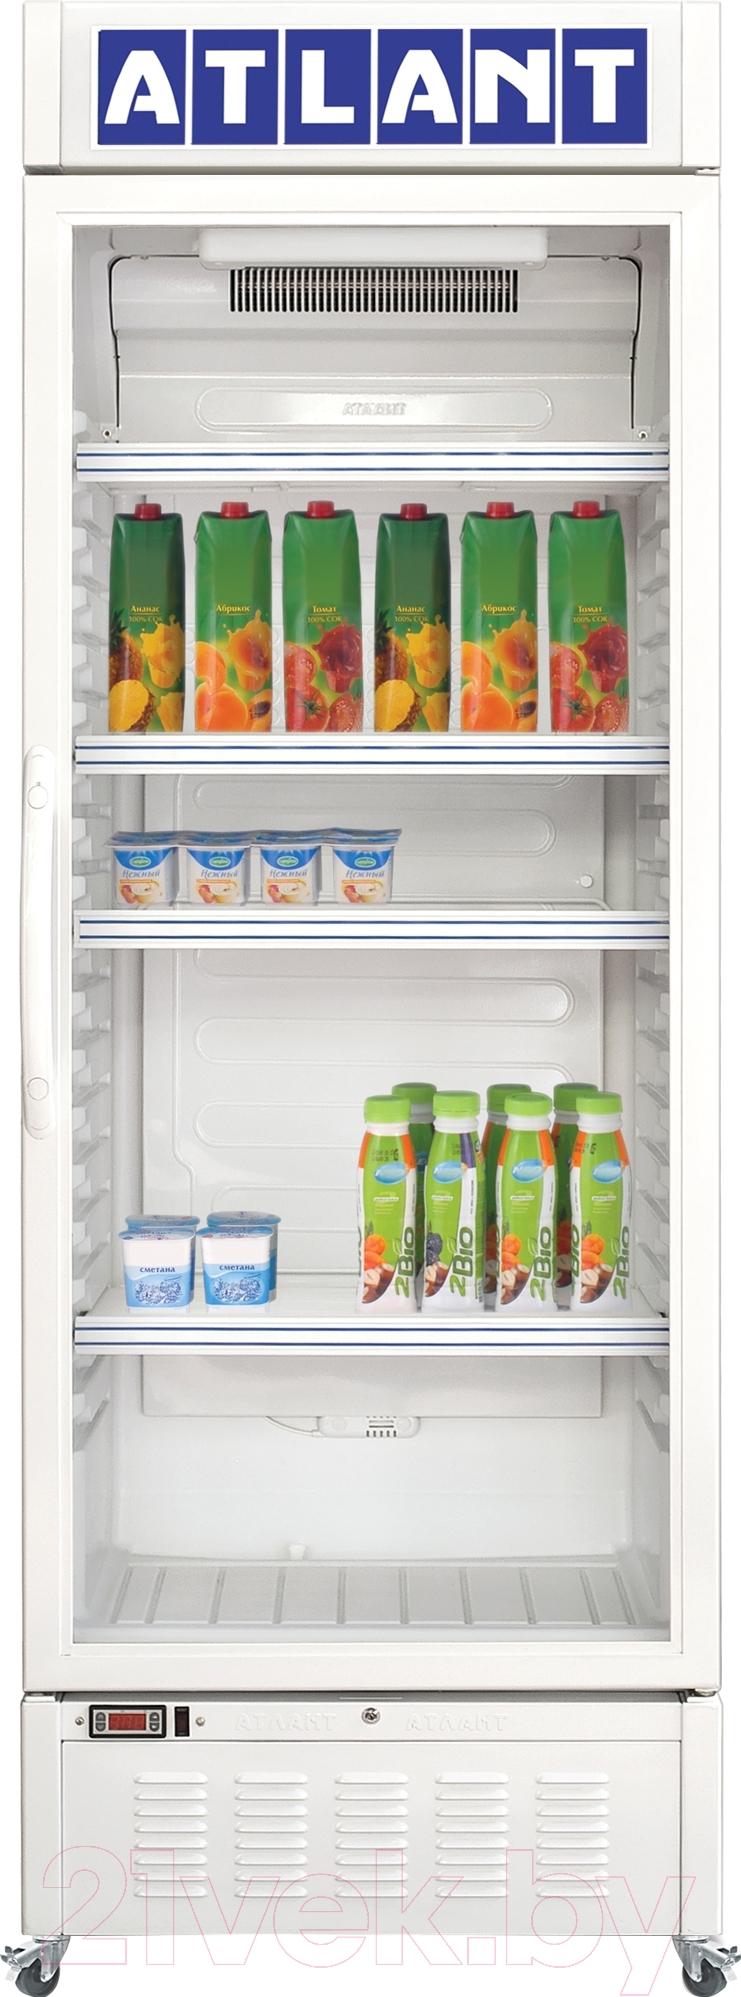 Купить Торговый холодильник ATLANT, ХТ 1000-000, Беларусь